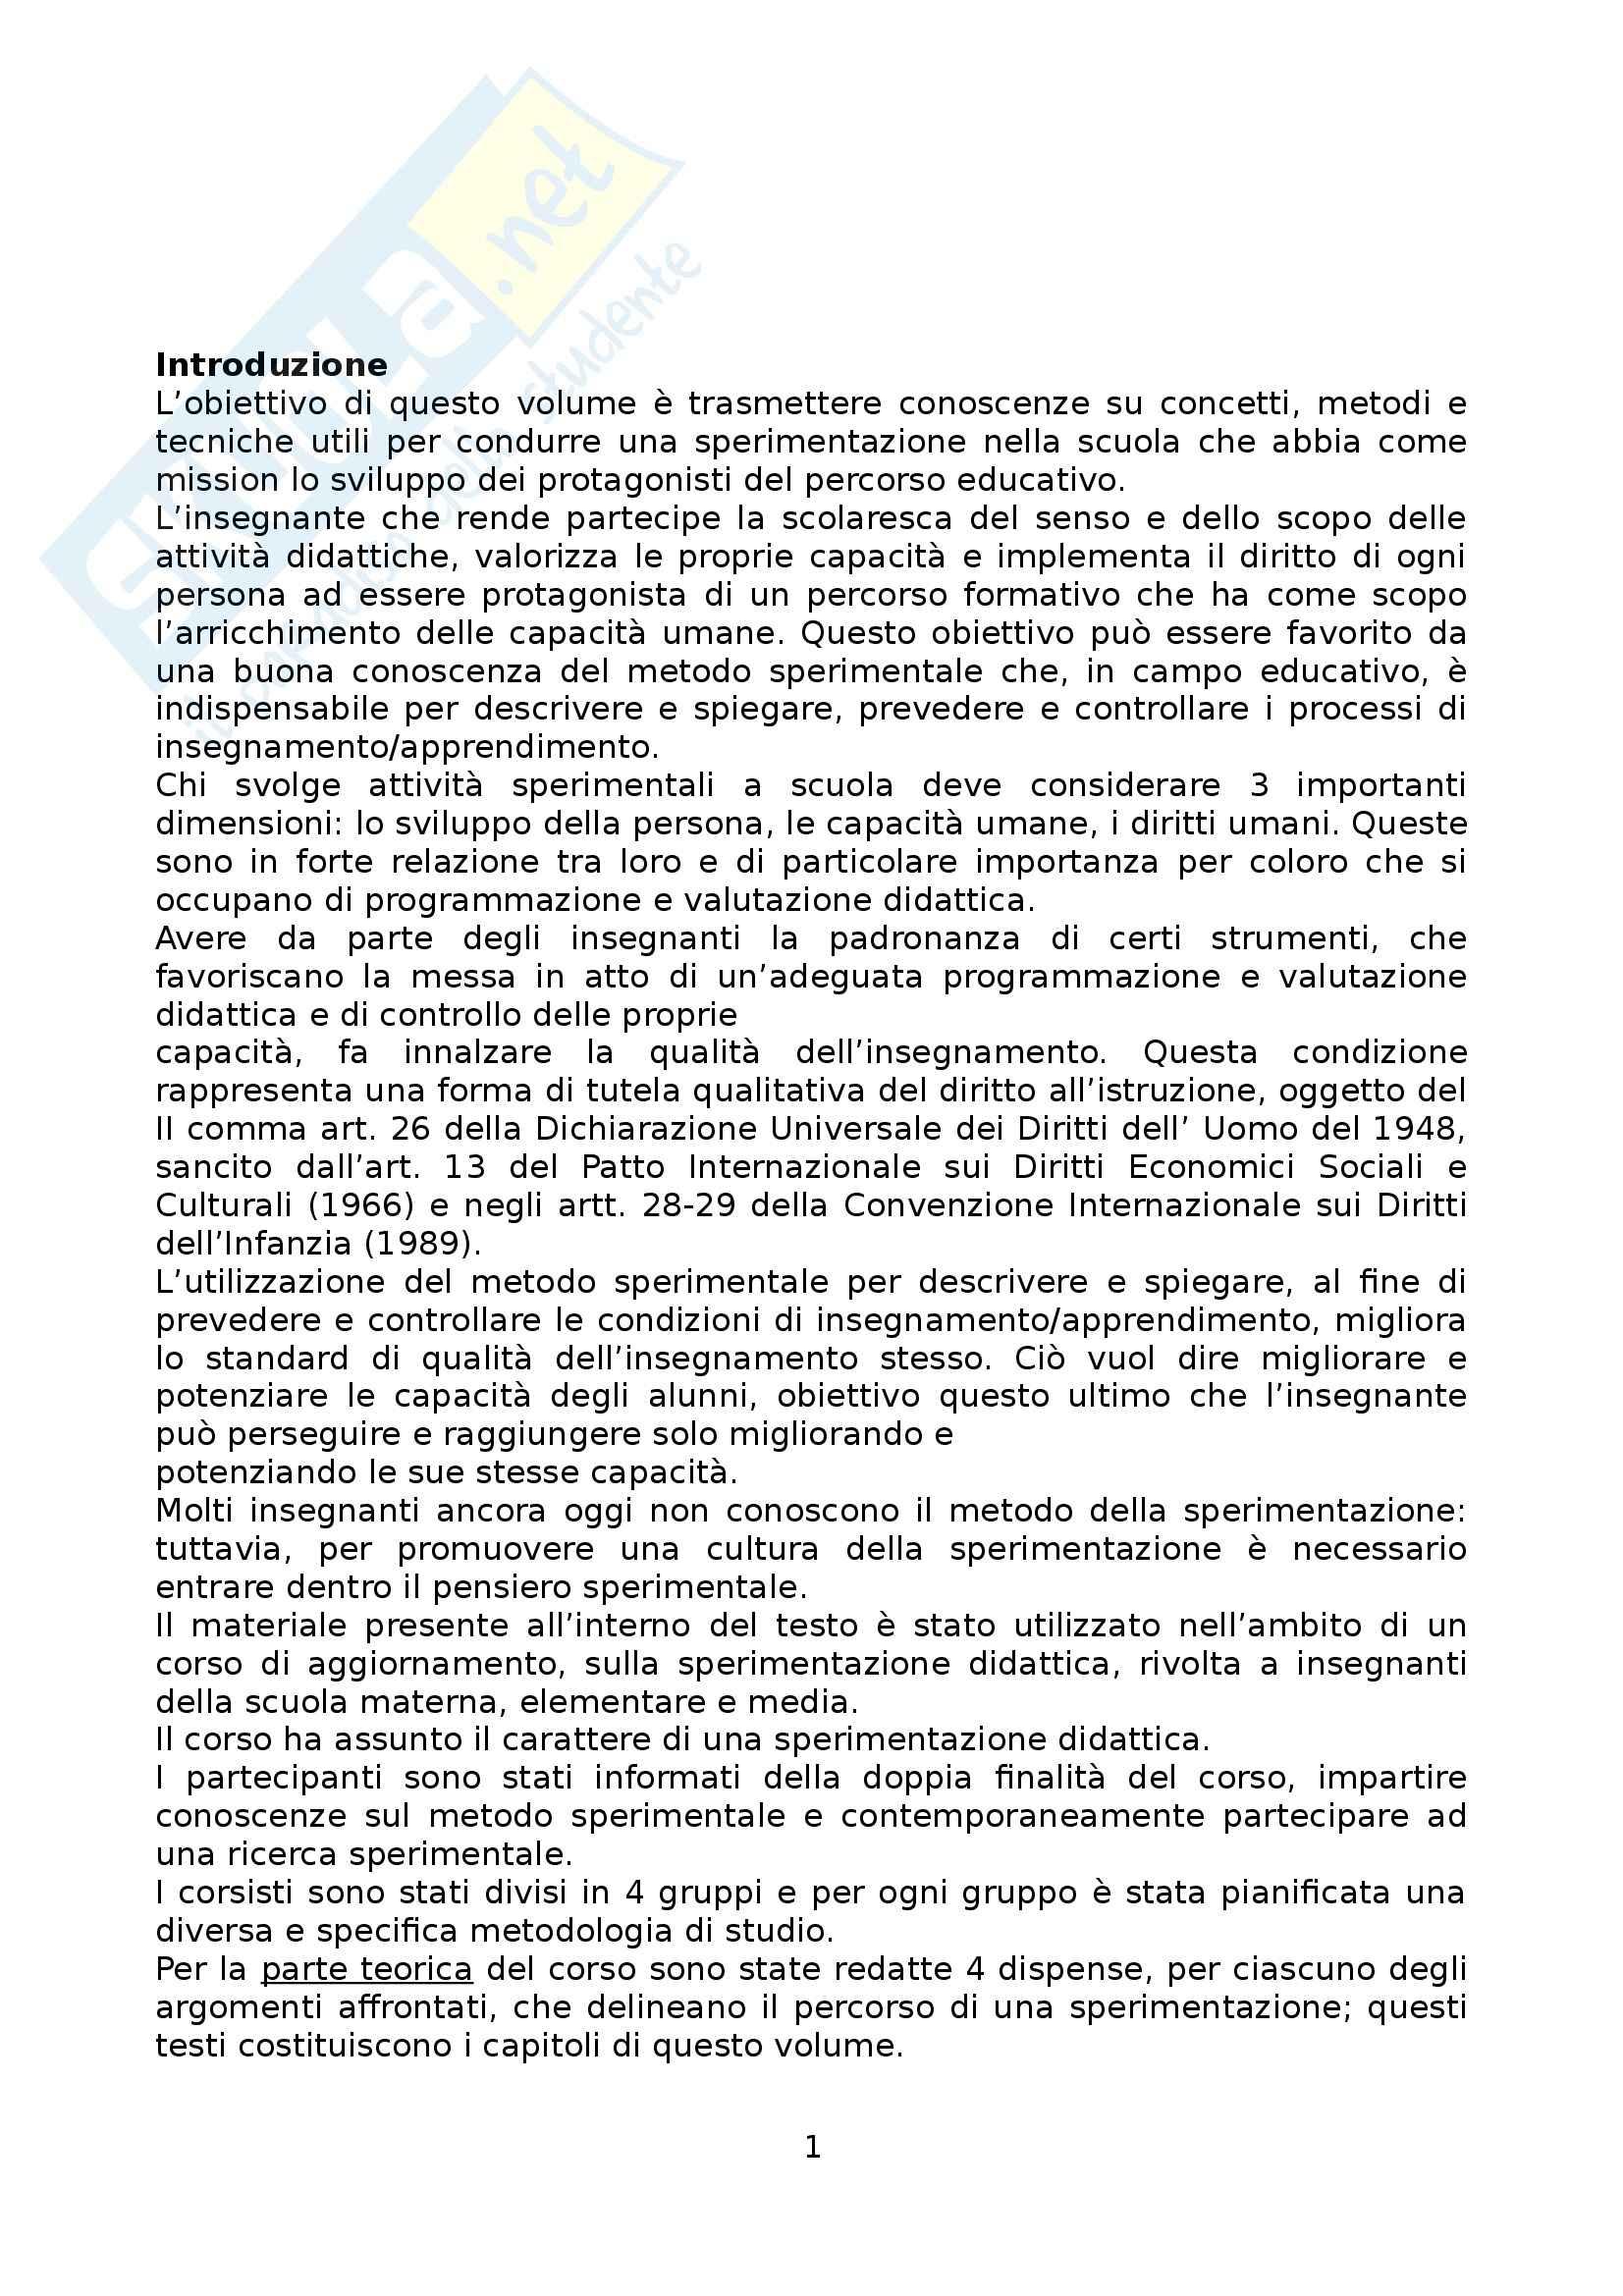 Riassunto esame Psicologia dell'Educazione, prof. Gulì, libro consigliato Apprendere la Cultura della Ricerca Scientifica di Quartuccio